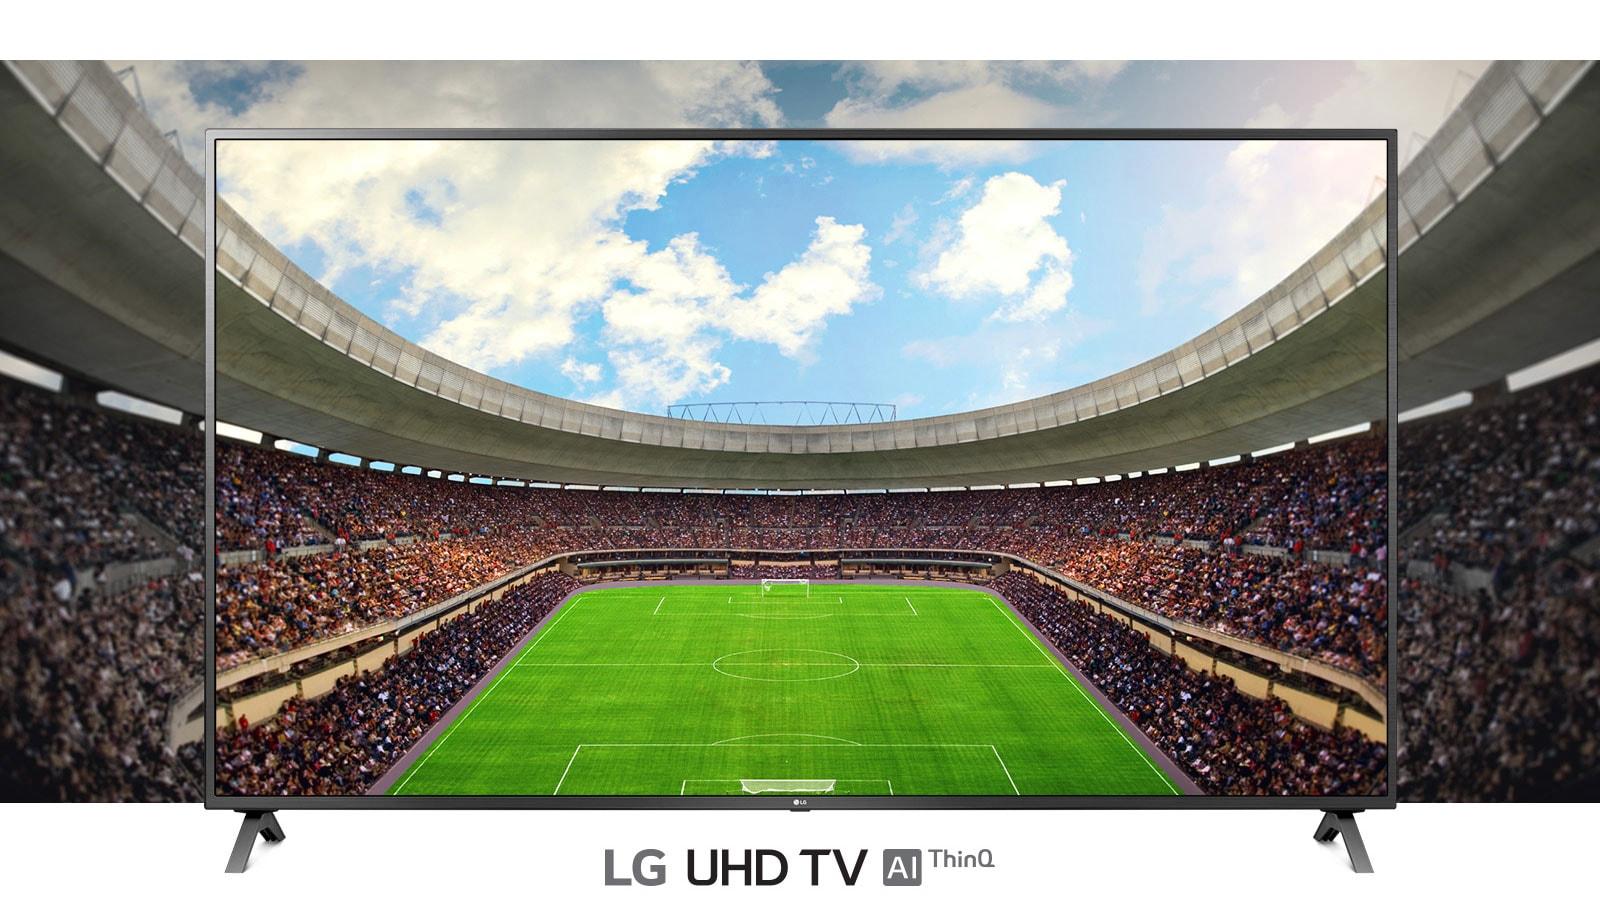 Panoramski prikaz nogometnog stadiona ispunjenog gledateljima prikazan u okviru televizora.